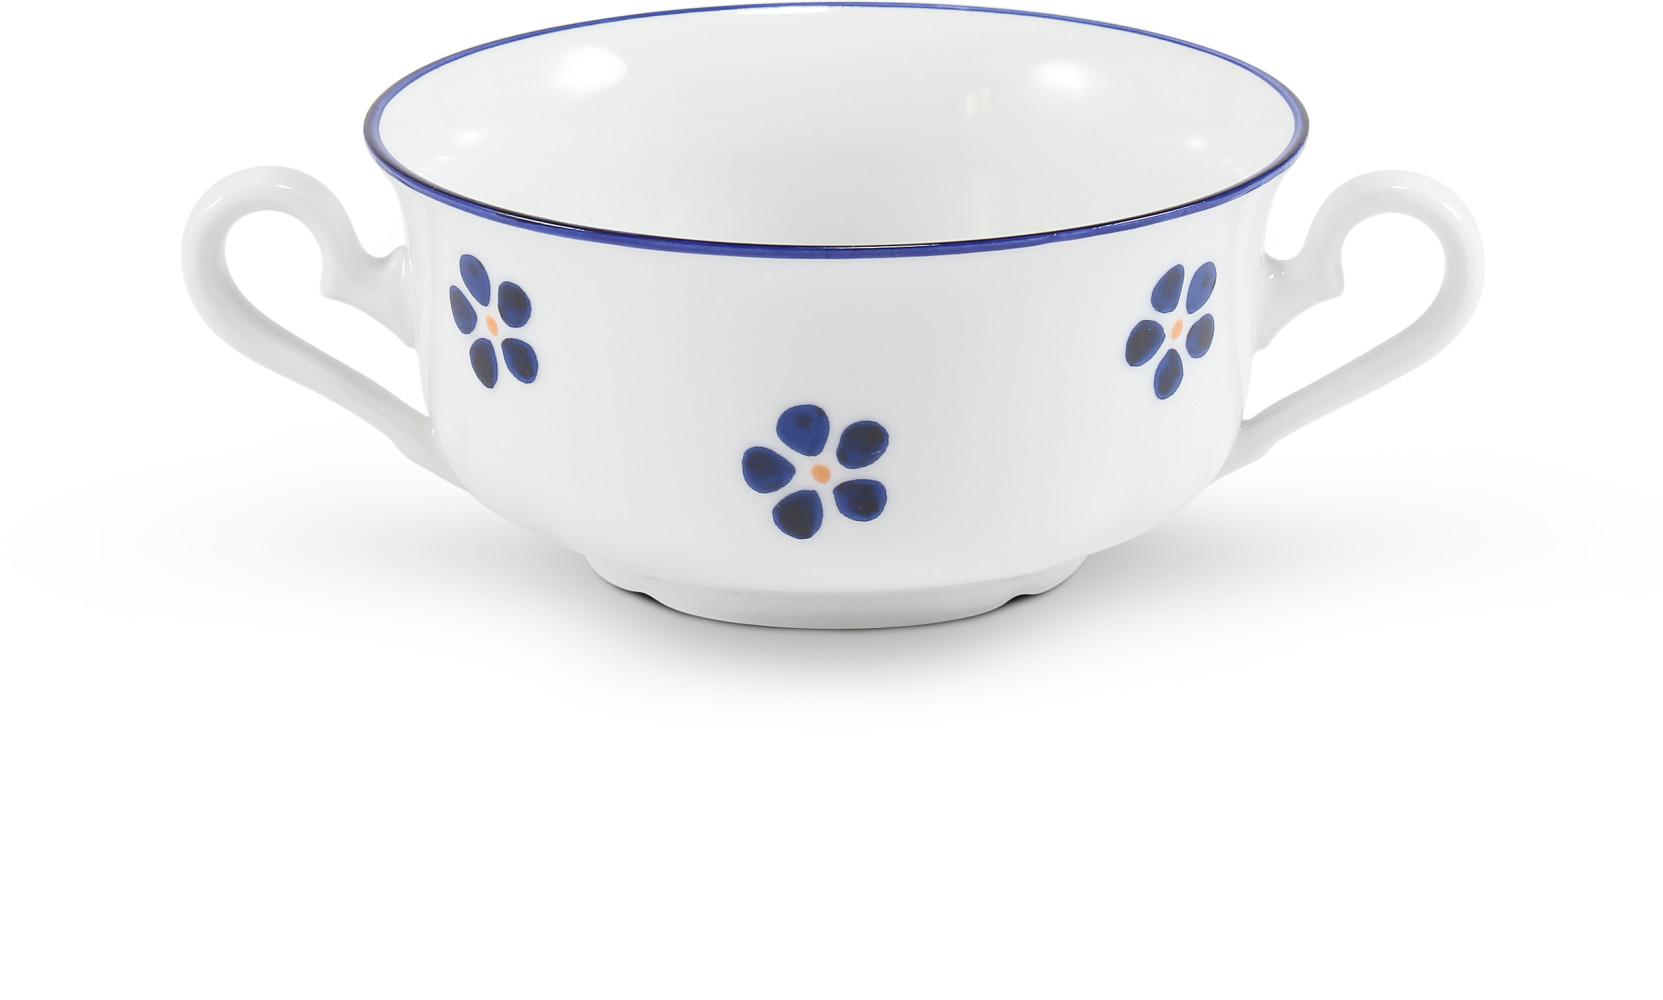 Šálek na polévku 2 ucha 0,35 l Modrohrátky ze zahrádky